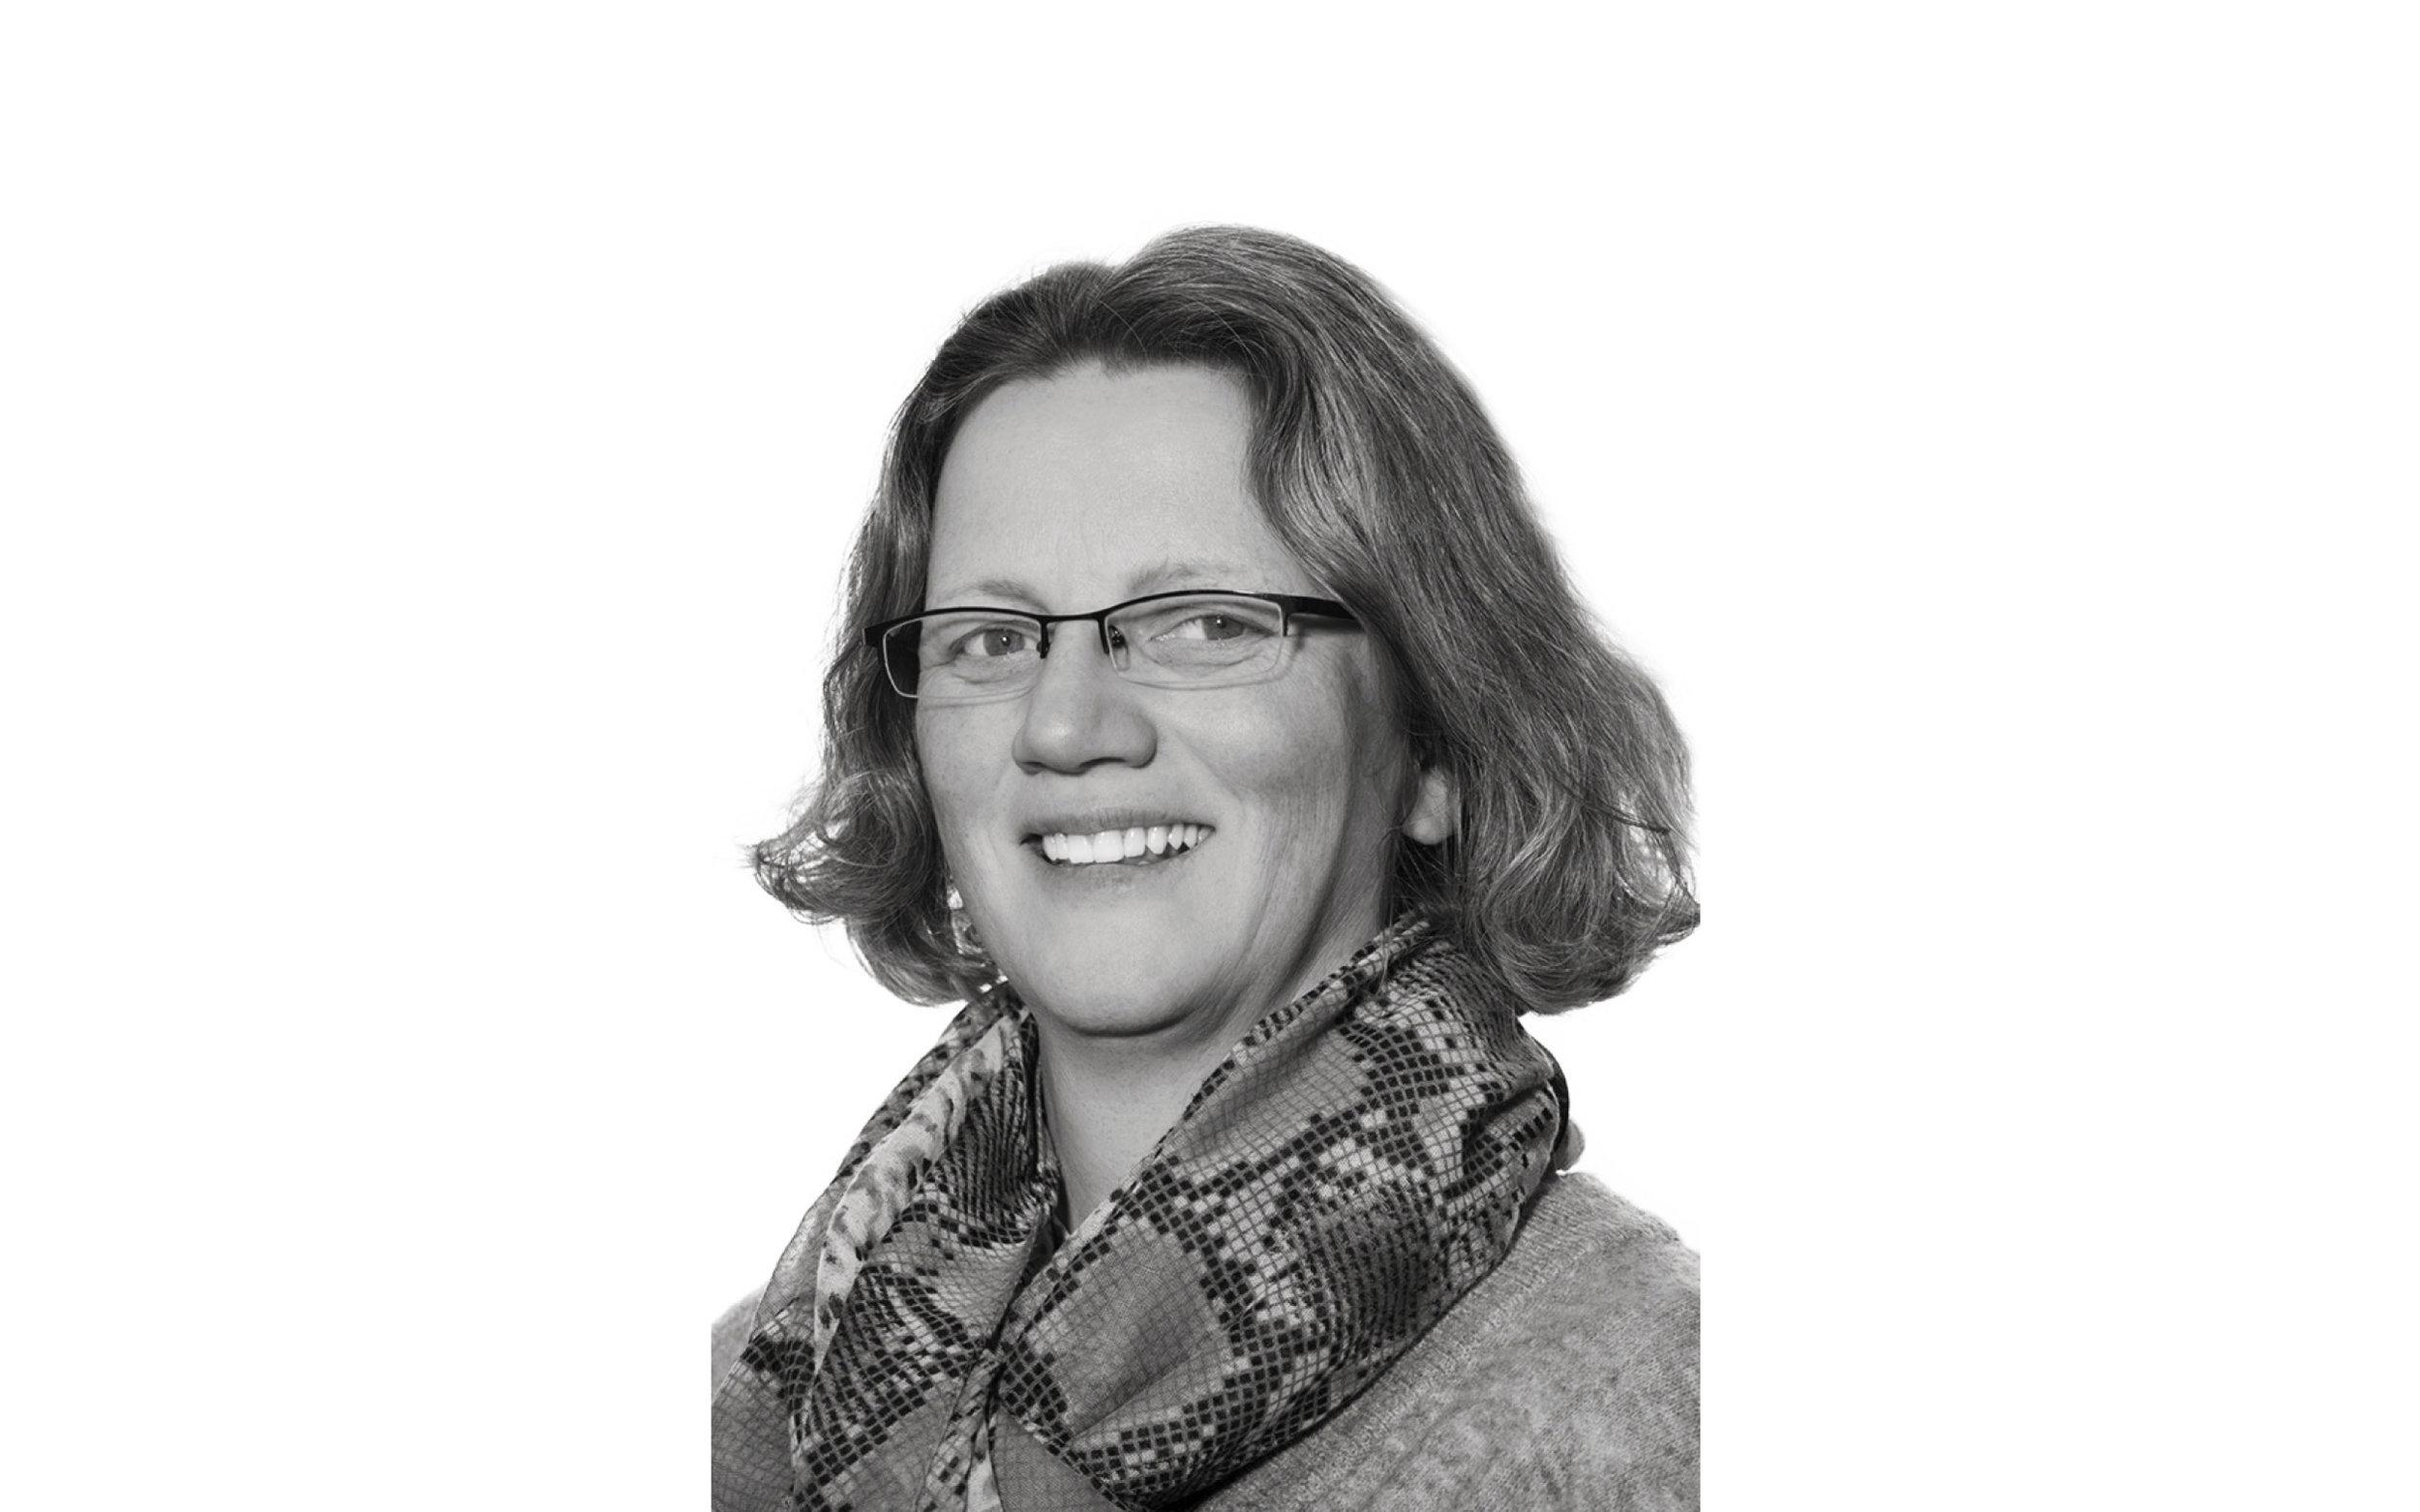 I dag, 19.november, får Vill Urbanisme et nytt medlem. Åslaug Iversen er arealplanlegger med bred og lang erfaring fra kommuneplaner, reguleringsplaner, konsekvensutredninger og ROS- analyser. Hun er lidenskapelig opptatt av plankart og som medlem av en referansegruppe for SOSI-plan ledet av kommunal- og arbeidsdirektoratet, har hun opparbeidet nasjonal anerkjennelse. Hun har også vært med å utarbeide nasjonale GIS-veiledere og er i dag med i et pilotprosjekt for utvikling av 3D-plan innen infrastruktur. Åslaug brenner for folkehelse og tenker alltid på hvordan faktorer som fremmer helse og trivsel kan innarbeides i planene hun jobber med. Med arbeidssted Grimstad bidrar Åslaug til at vi nå etablerer oss i en ny del av landet.  Åslaug utfyller Vill Plan sine kompetanseområder, bidrar med en spennende vinkling til Vill Urbanismes flerfaglighet og planter Vill Urbanismes flagg på Sørlandet. Vi er stolte over å få Åslaug med på laget!